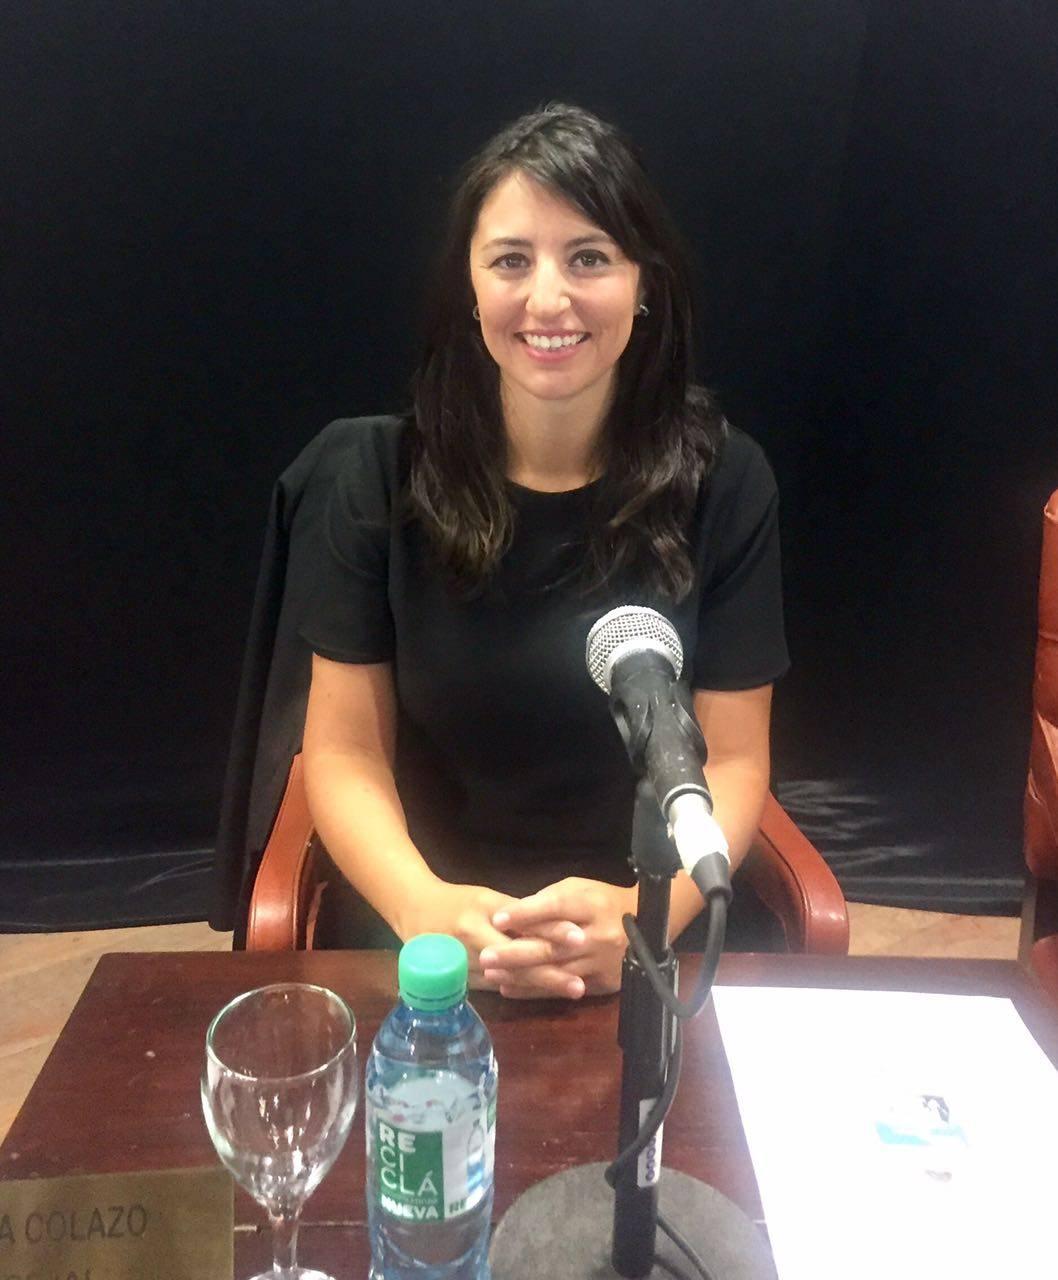 Concejal Laura Colazo